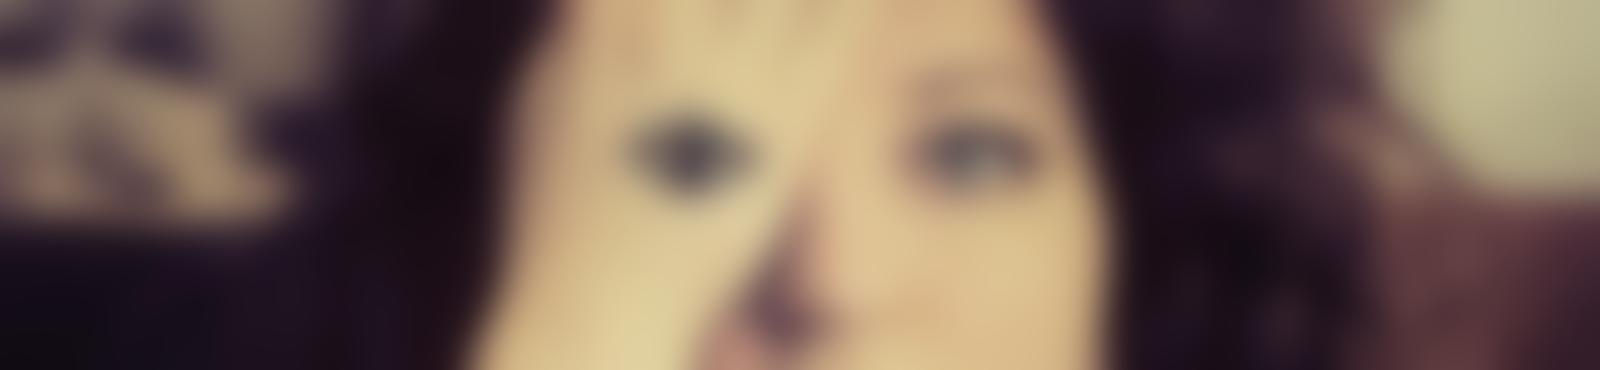 Blurred bc4f34b0 720c 47a5 823f 0bd7fd5cd955